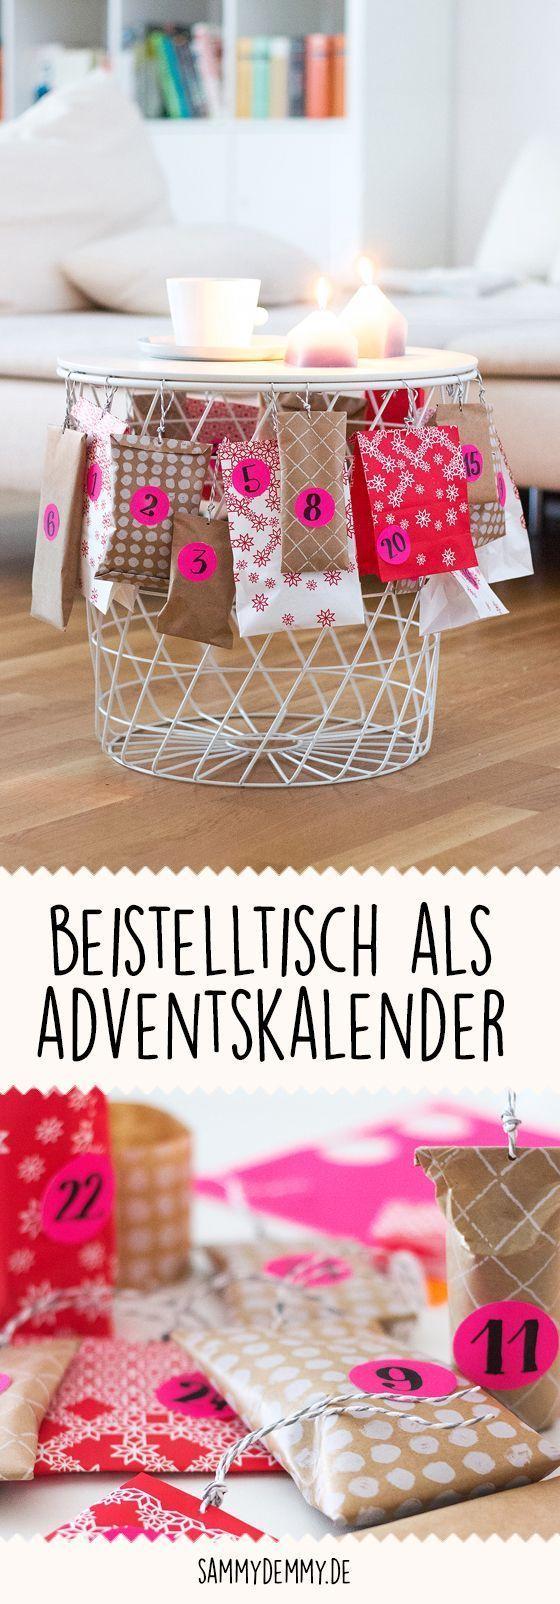 Adventsvorfreude und Bastelfieber: drei weihnachtliche DIY-Ideen